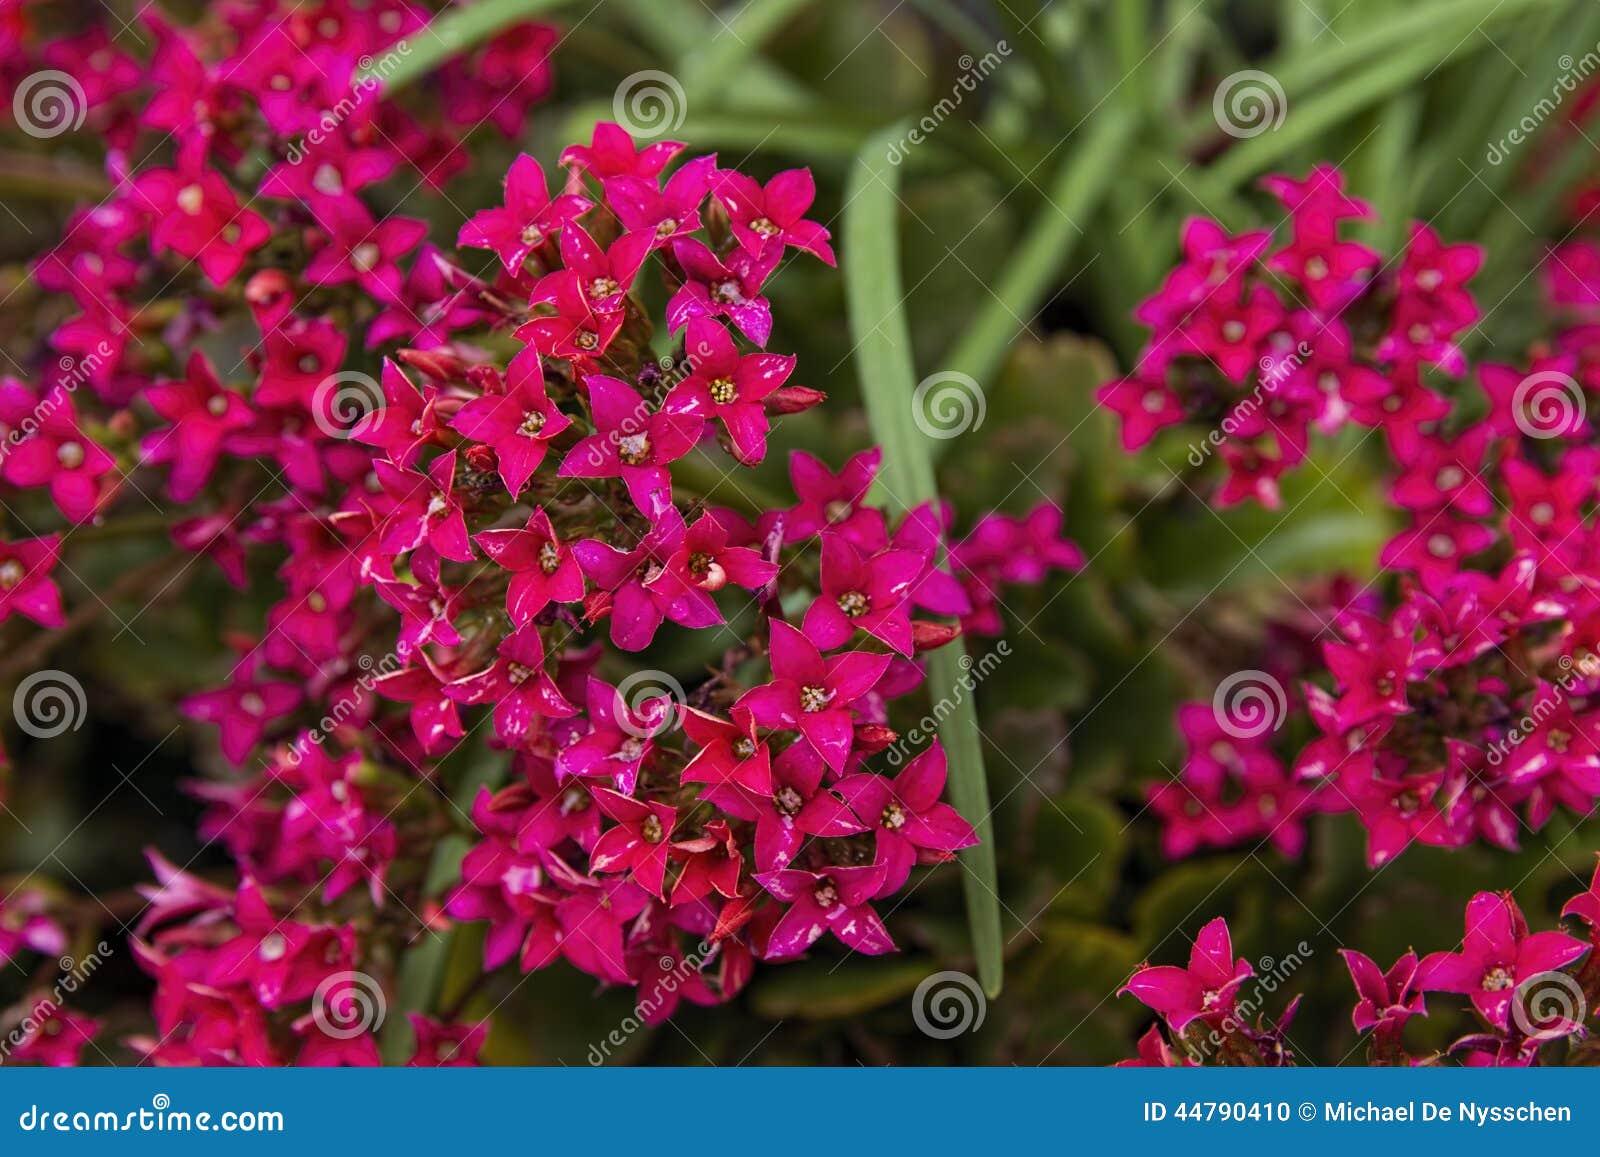 Usines De Kalanchoe En Pleine Fleur Photo Stock Image Du Minuscule